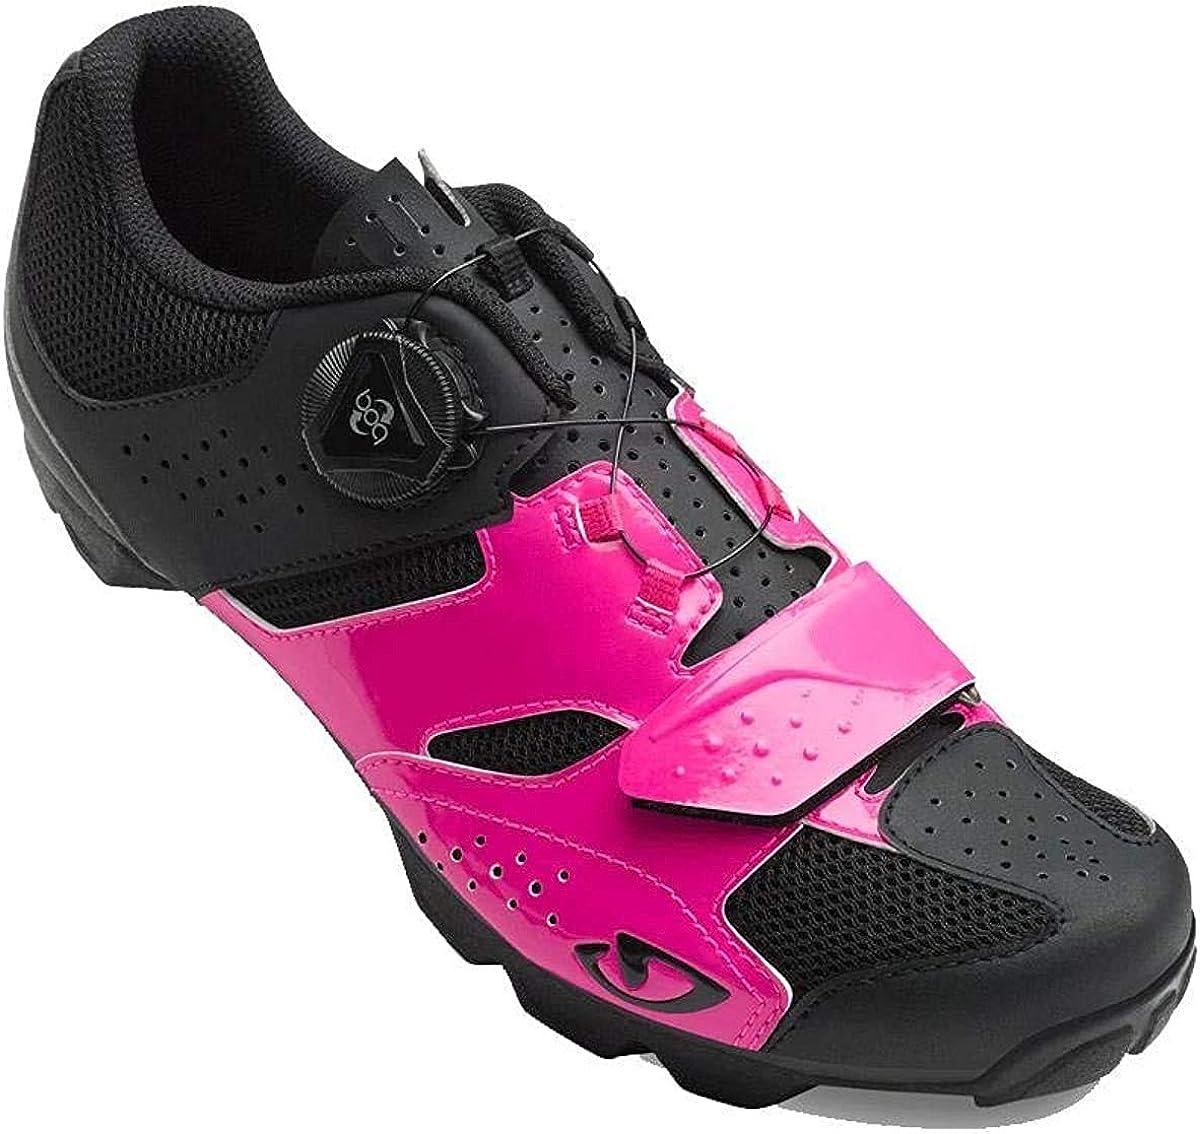 Giro Women's Cylinder MTB Cycling Shoes